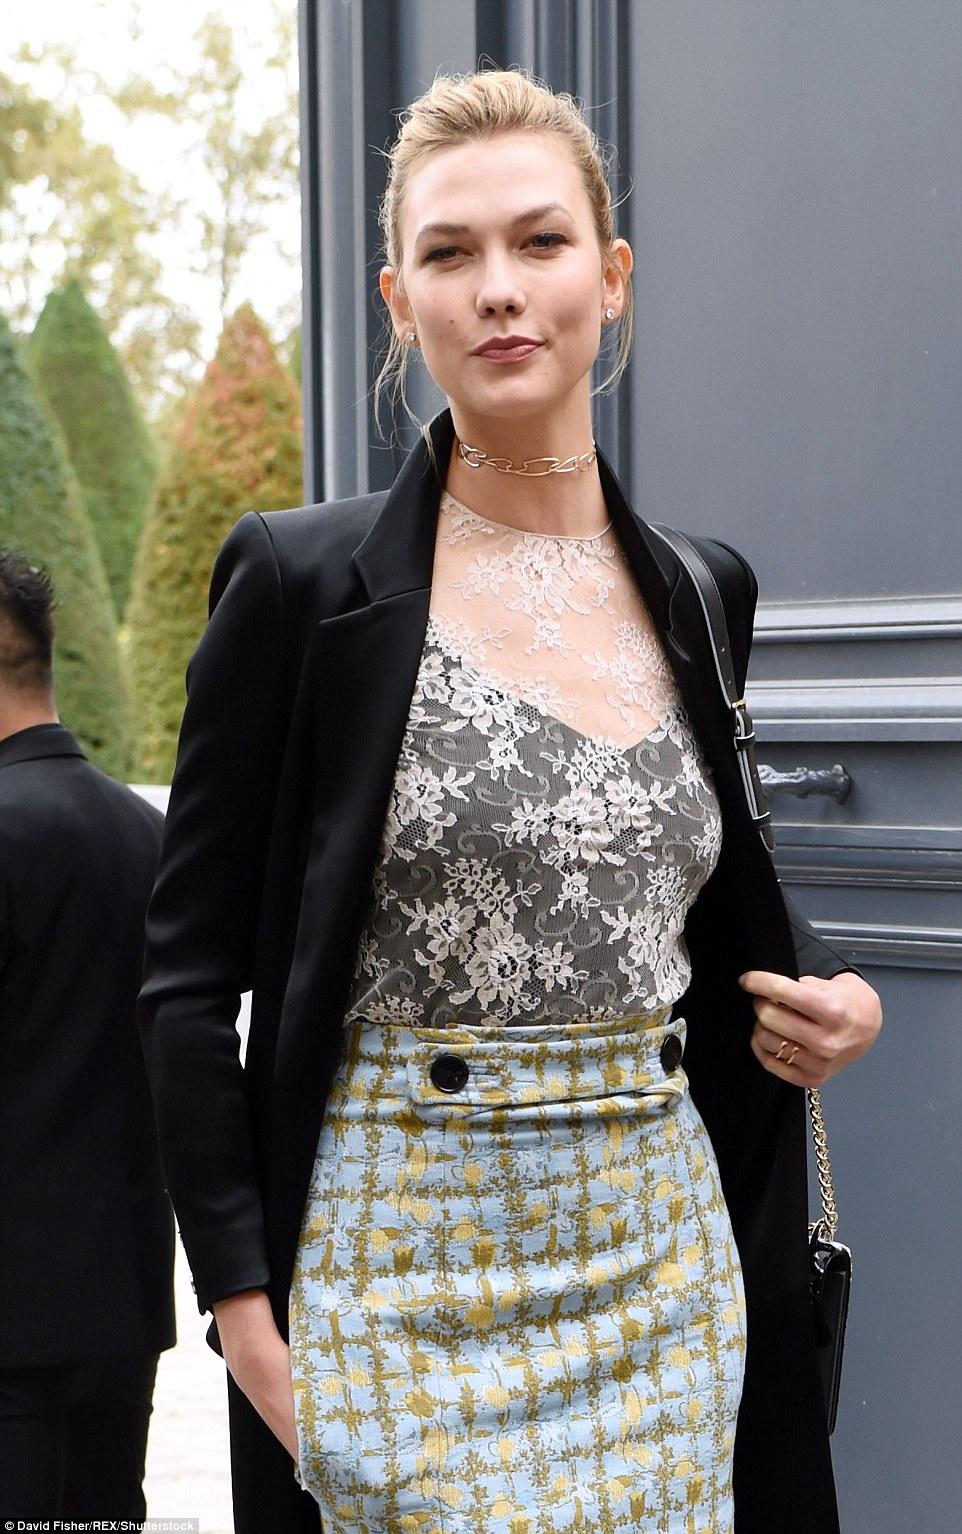 Super elegante: A sensação passarela habilmente colidiu padrões, emparelhando a saia declaração com um top de renda branca peculiar, usado sobre um colete preto